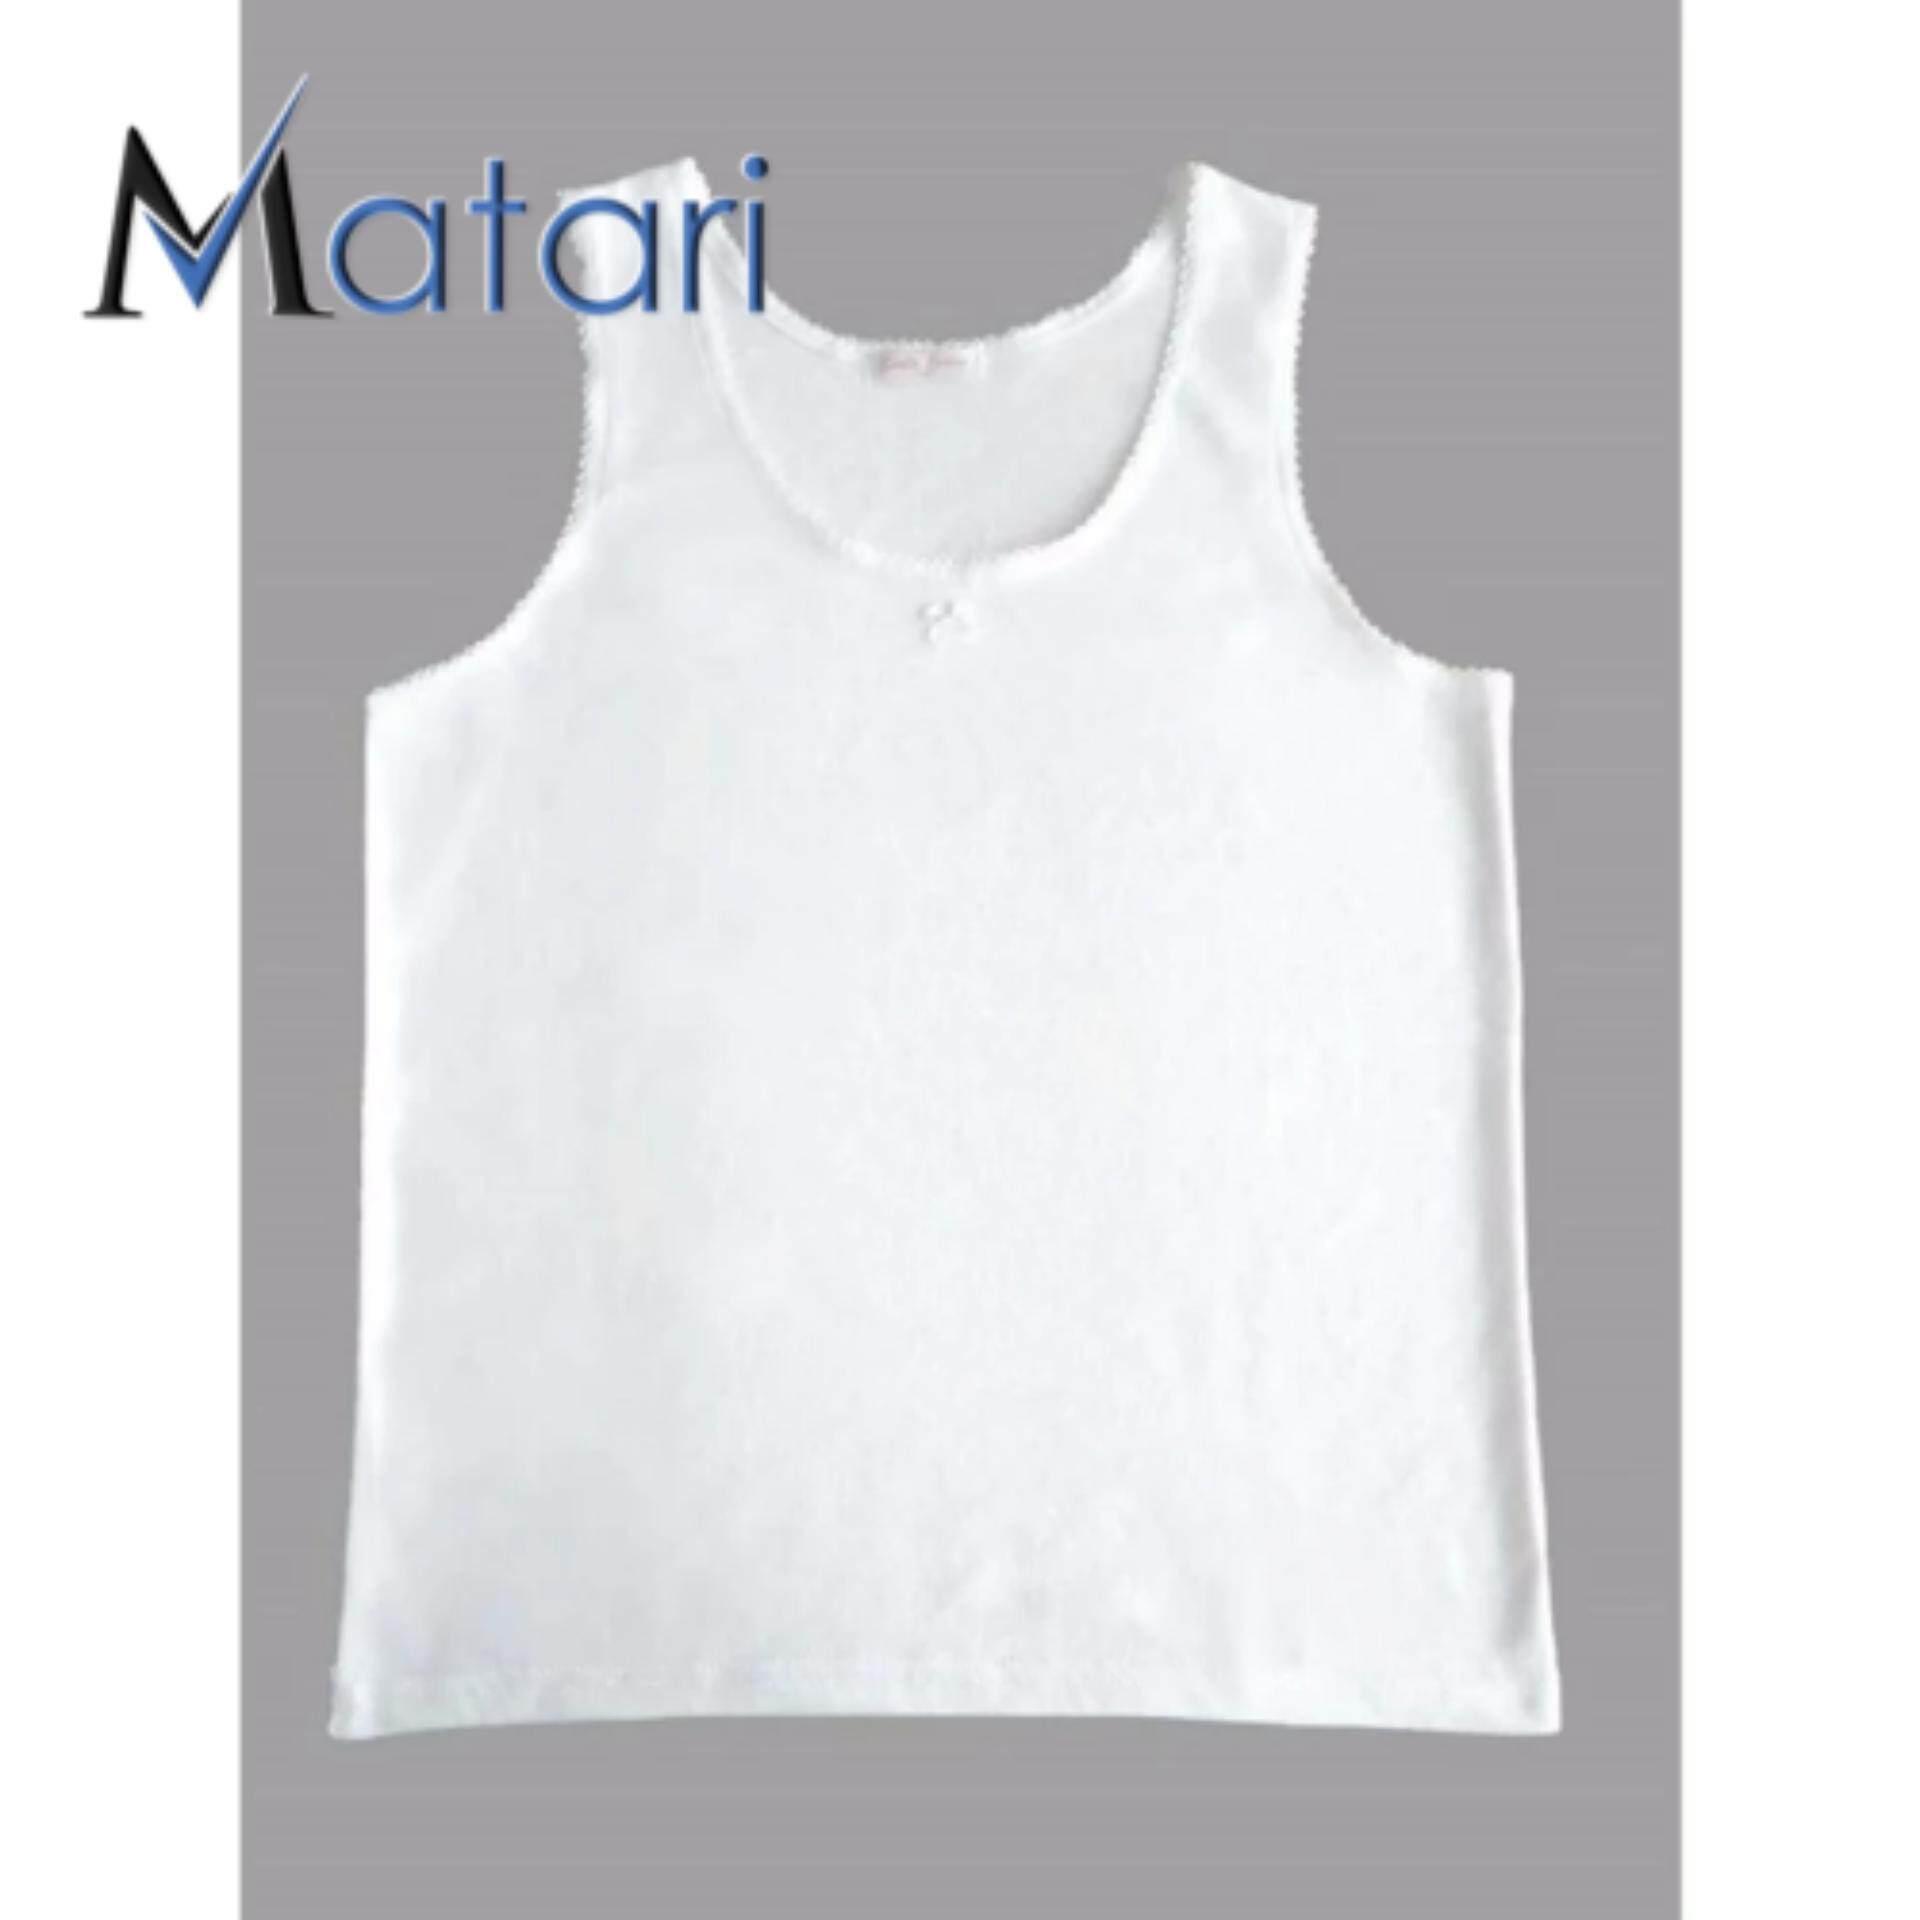 MATARI INNER SHIRT SINGLET LADIES JUNIOR (WHITE)